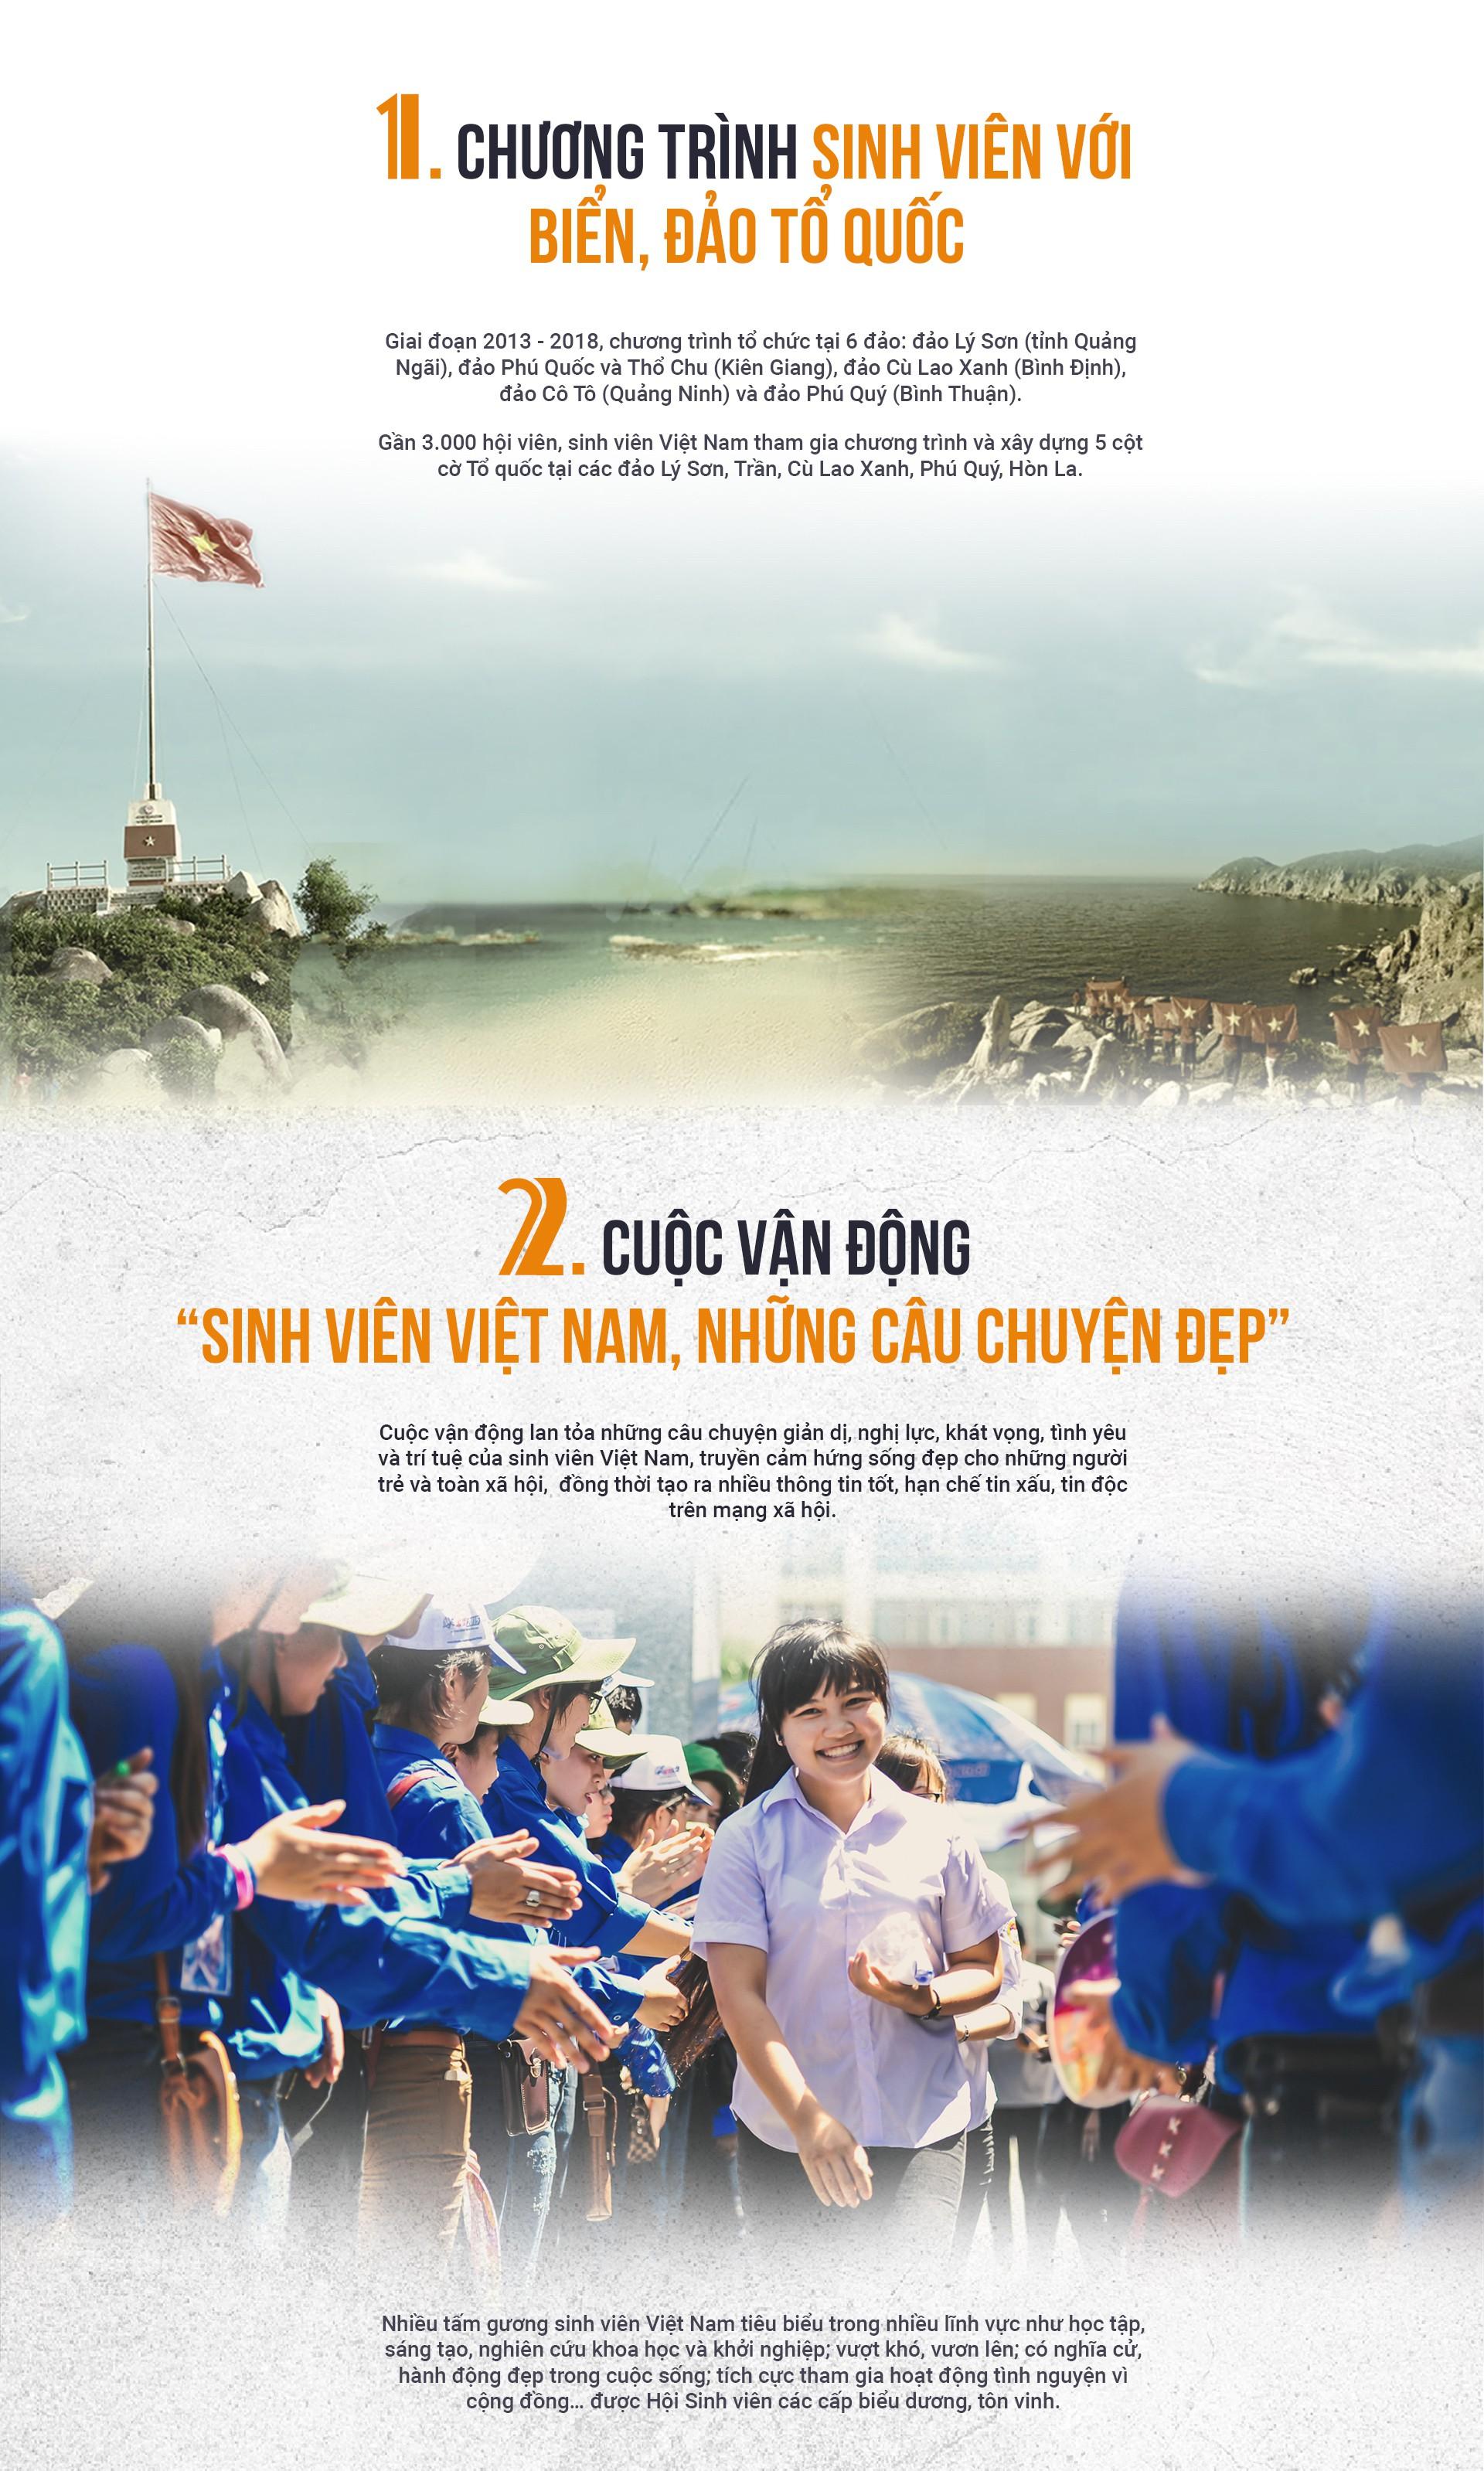 10 hoạt động, chương trình tiêu biểu của sinh viên Việt Nam - Ảnh 1.